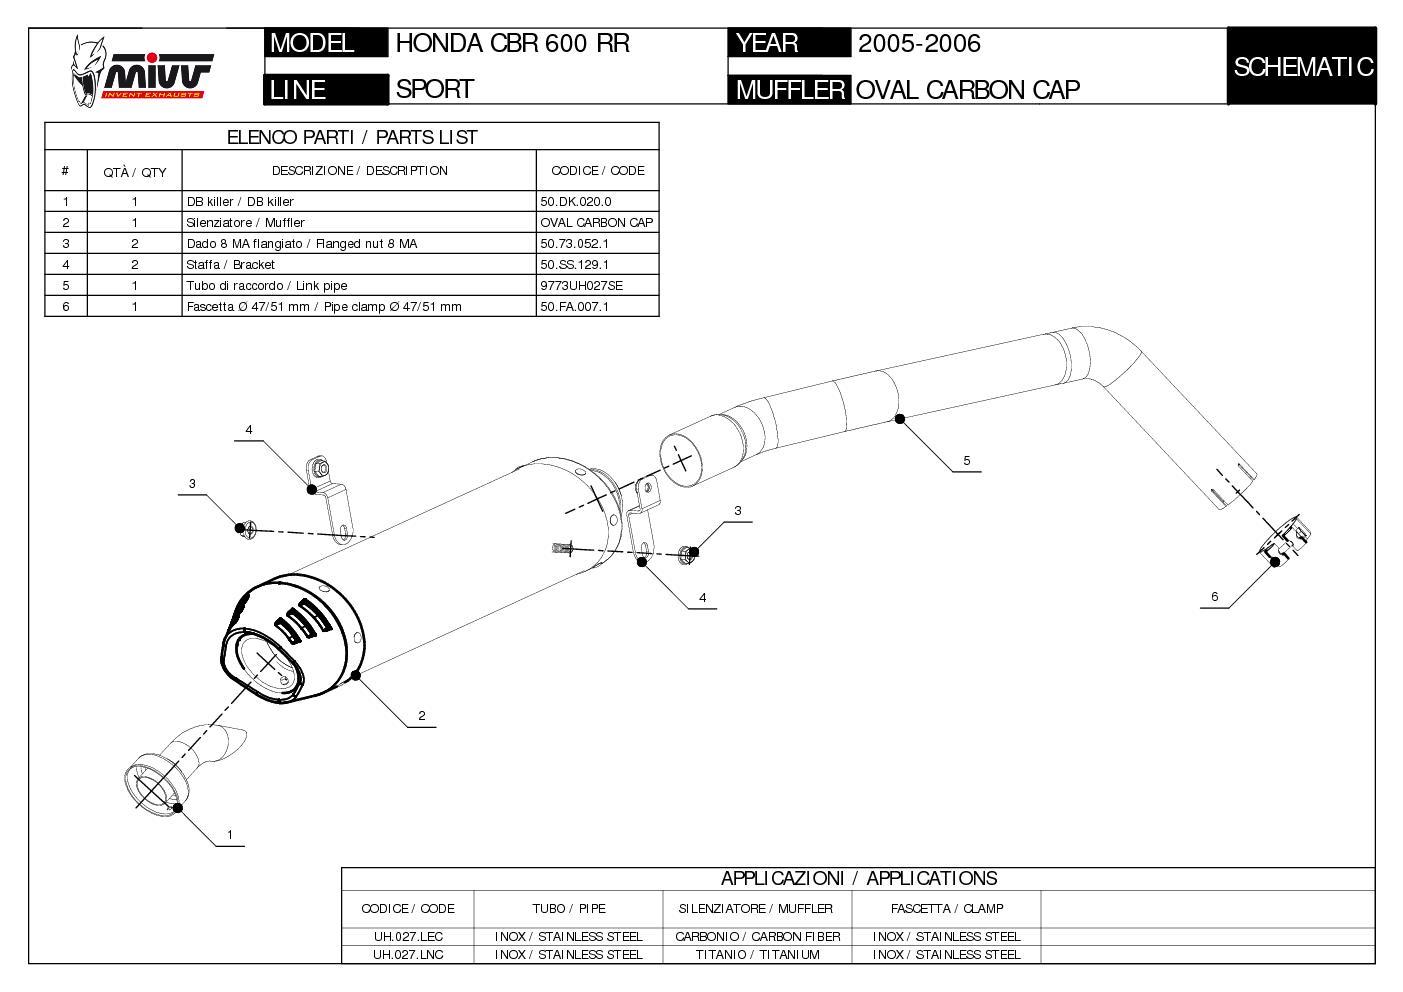 HONDA CBR 600 RR 2006 SCARICO MIVV TERMINALE OVAL INOX SOTTO SELLA